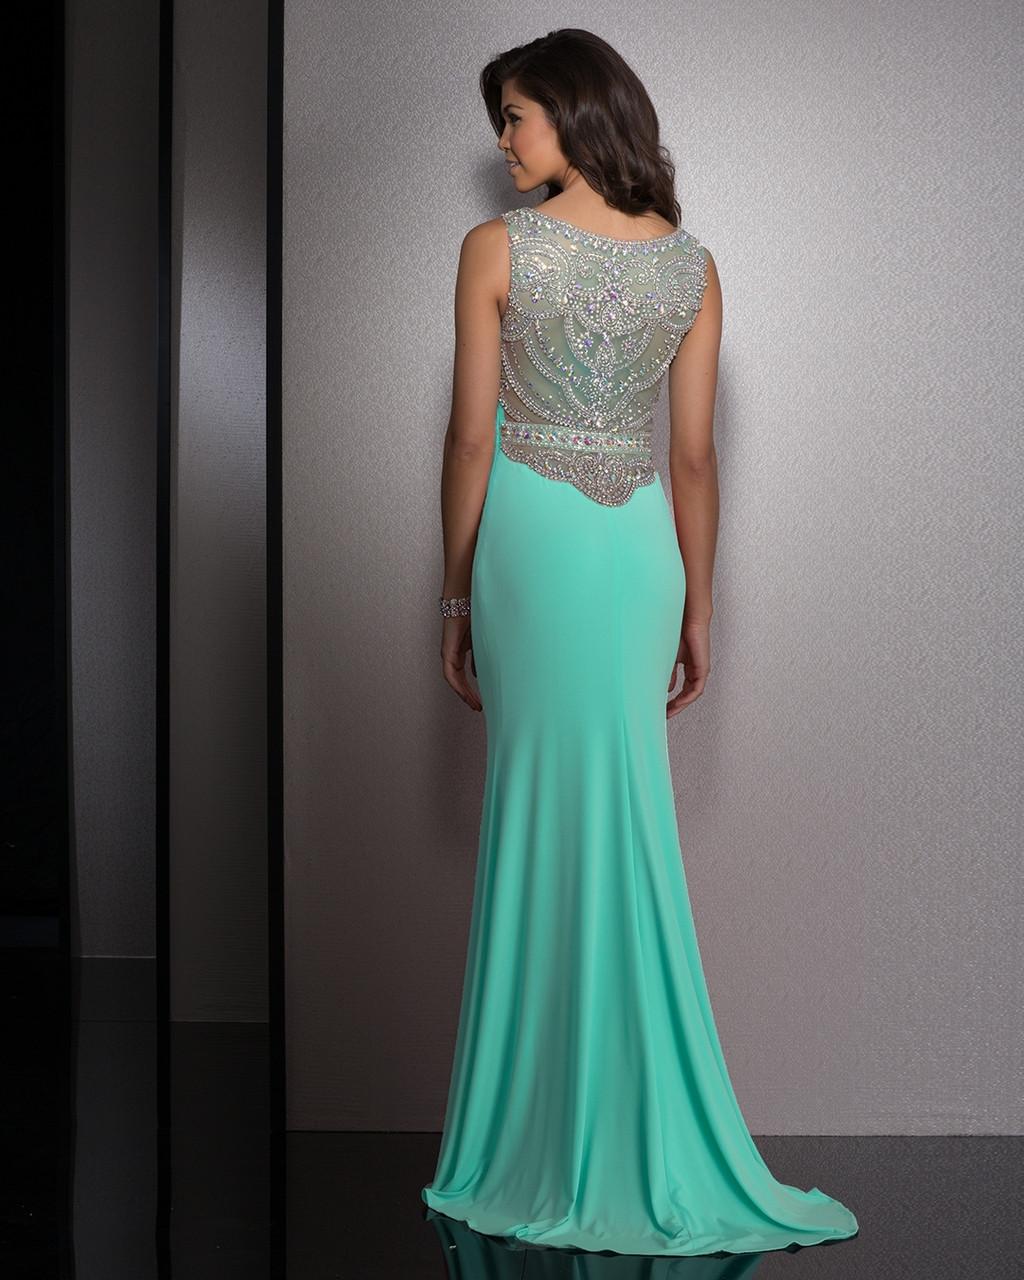 Clarisse 2527 Prom Dress - Prom-Avenue